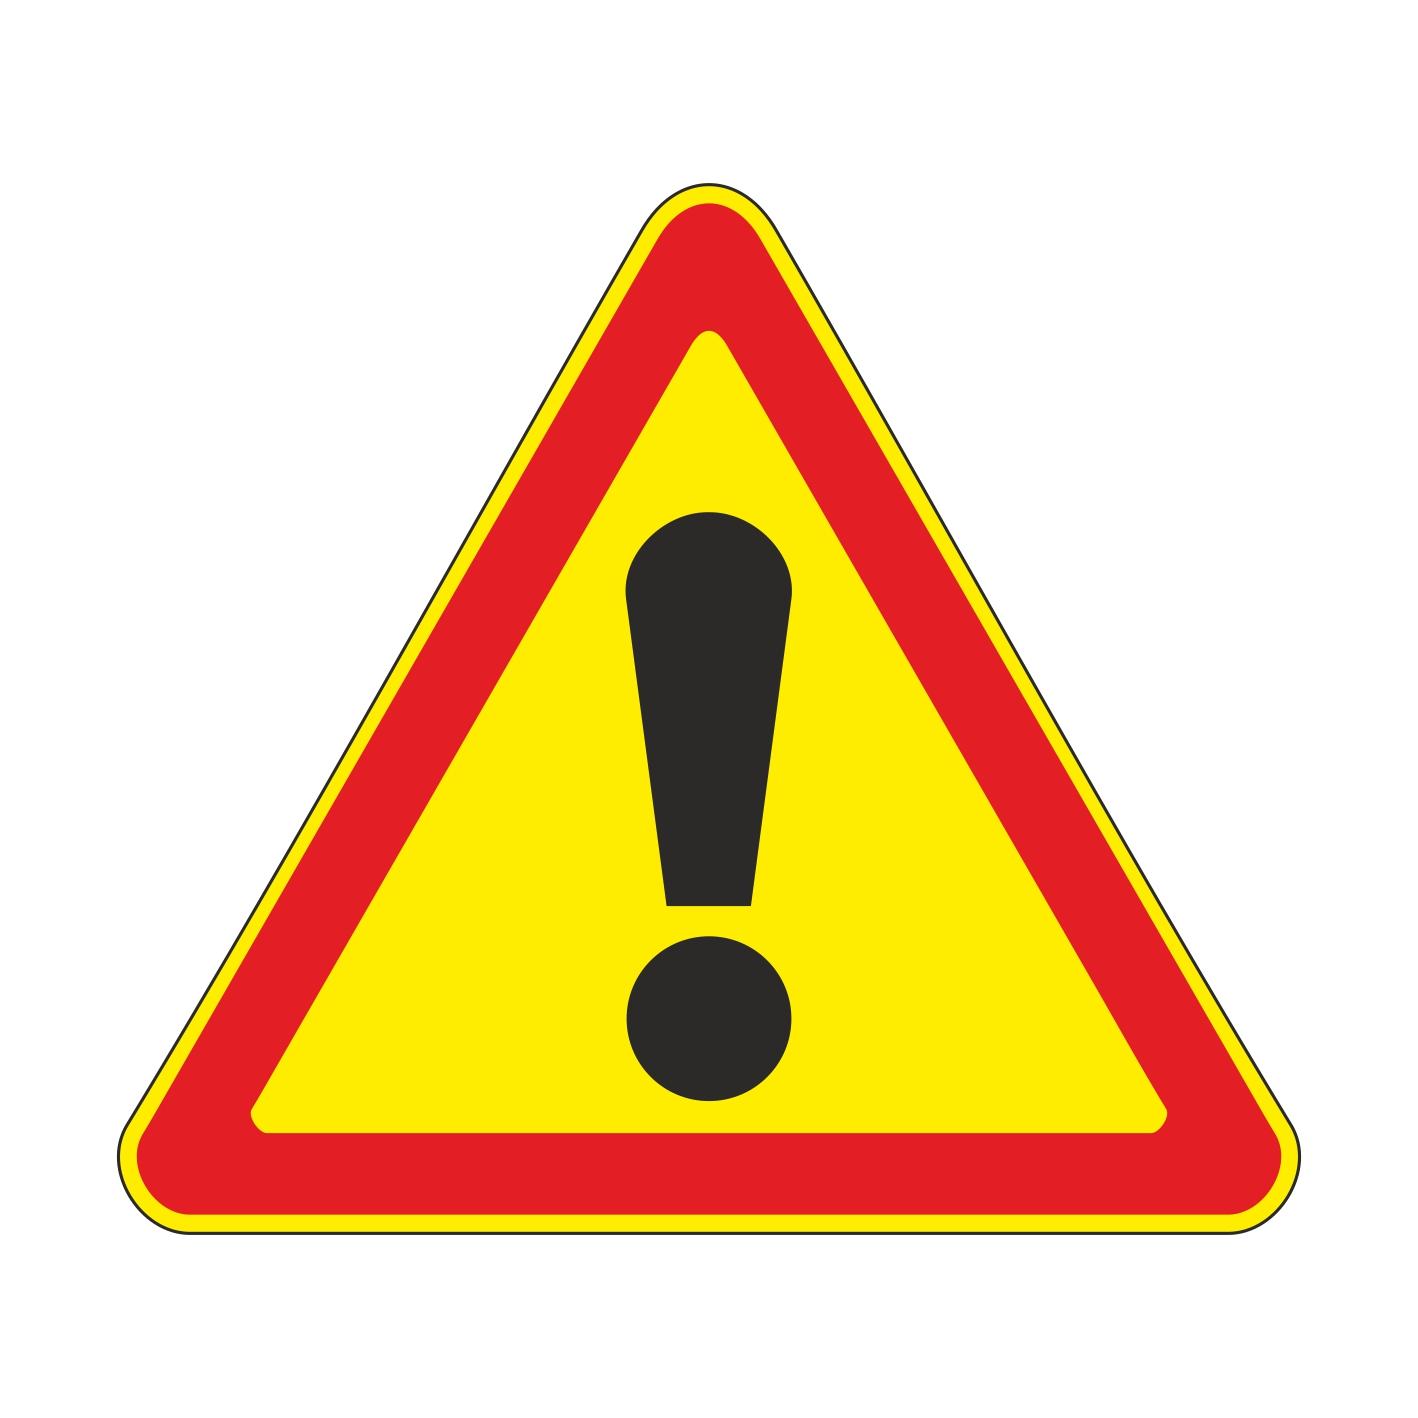 1.33 (временный) Прочие опасности [дорожный знак]